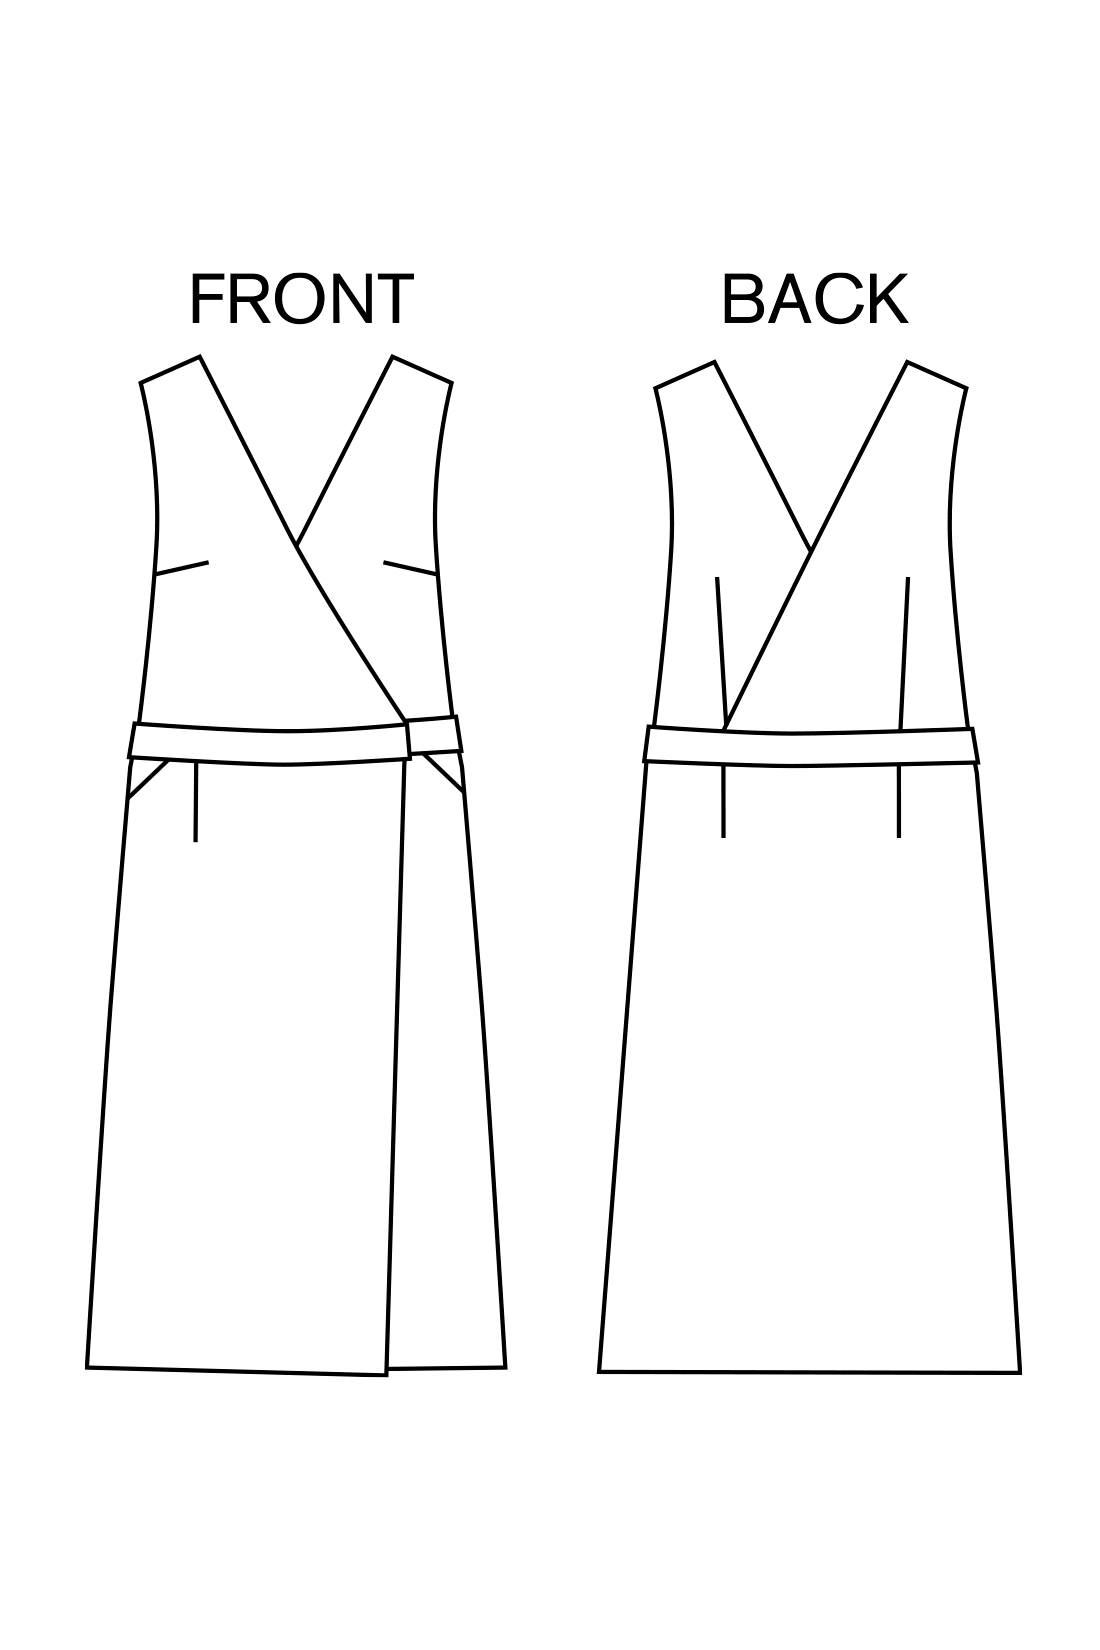 縦のラインを強調してすらりと細見え スタイリッシュなIラインで、子どもっぽく見える心配なし。胸もとはカシュクール、スカートにはラップ風のディテールを盛り込んだメリハリあるデザイン。